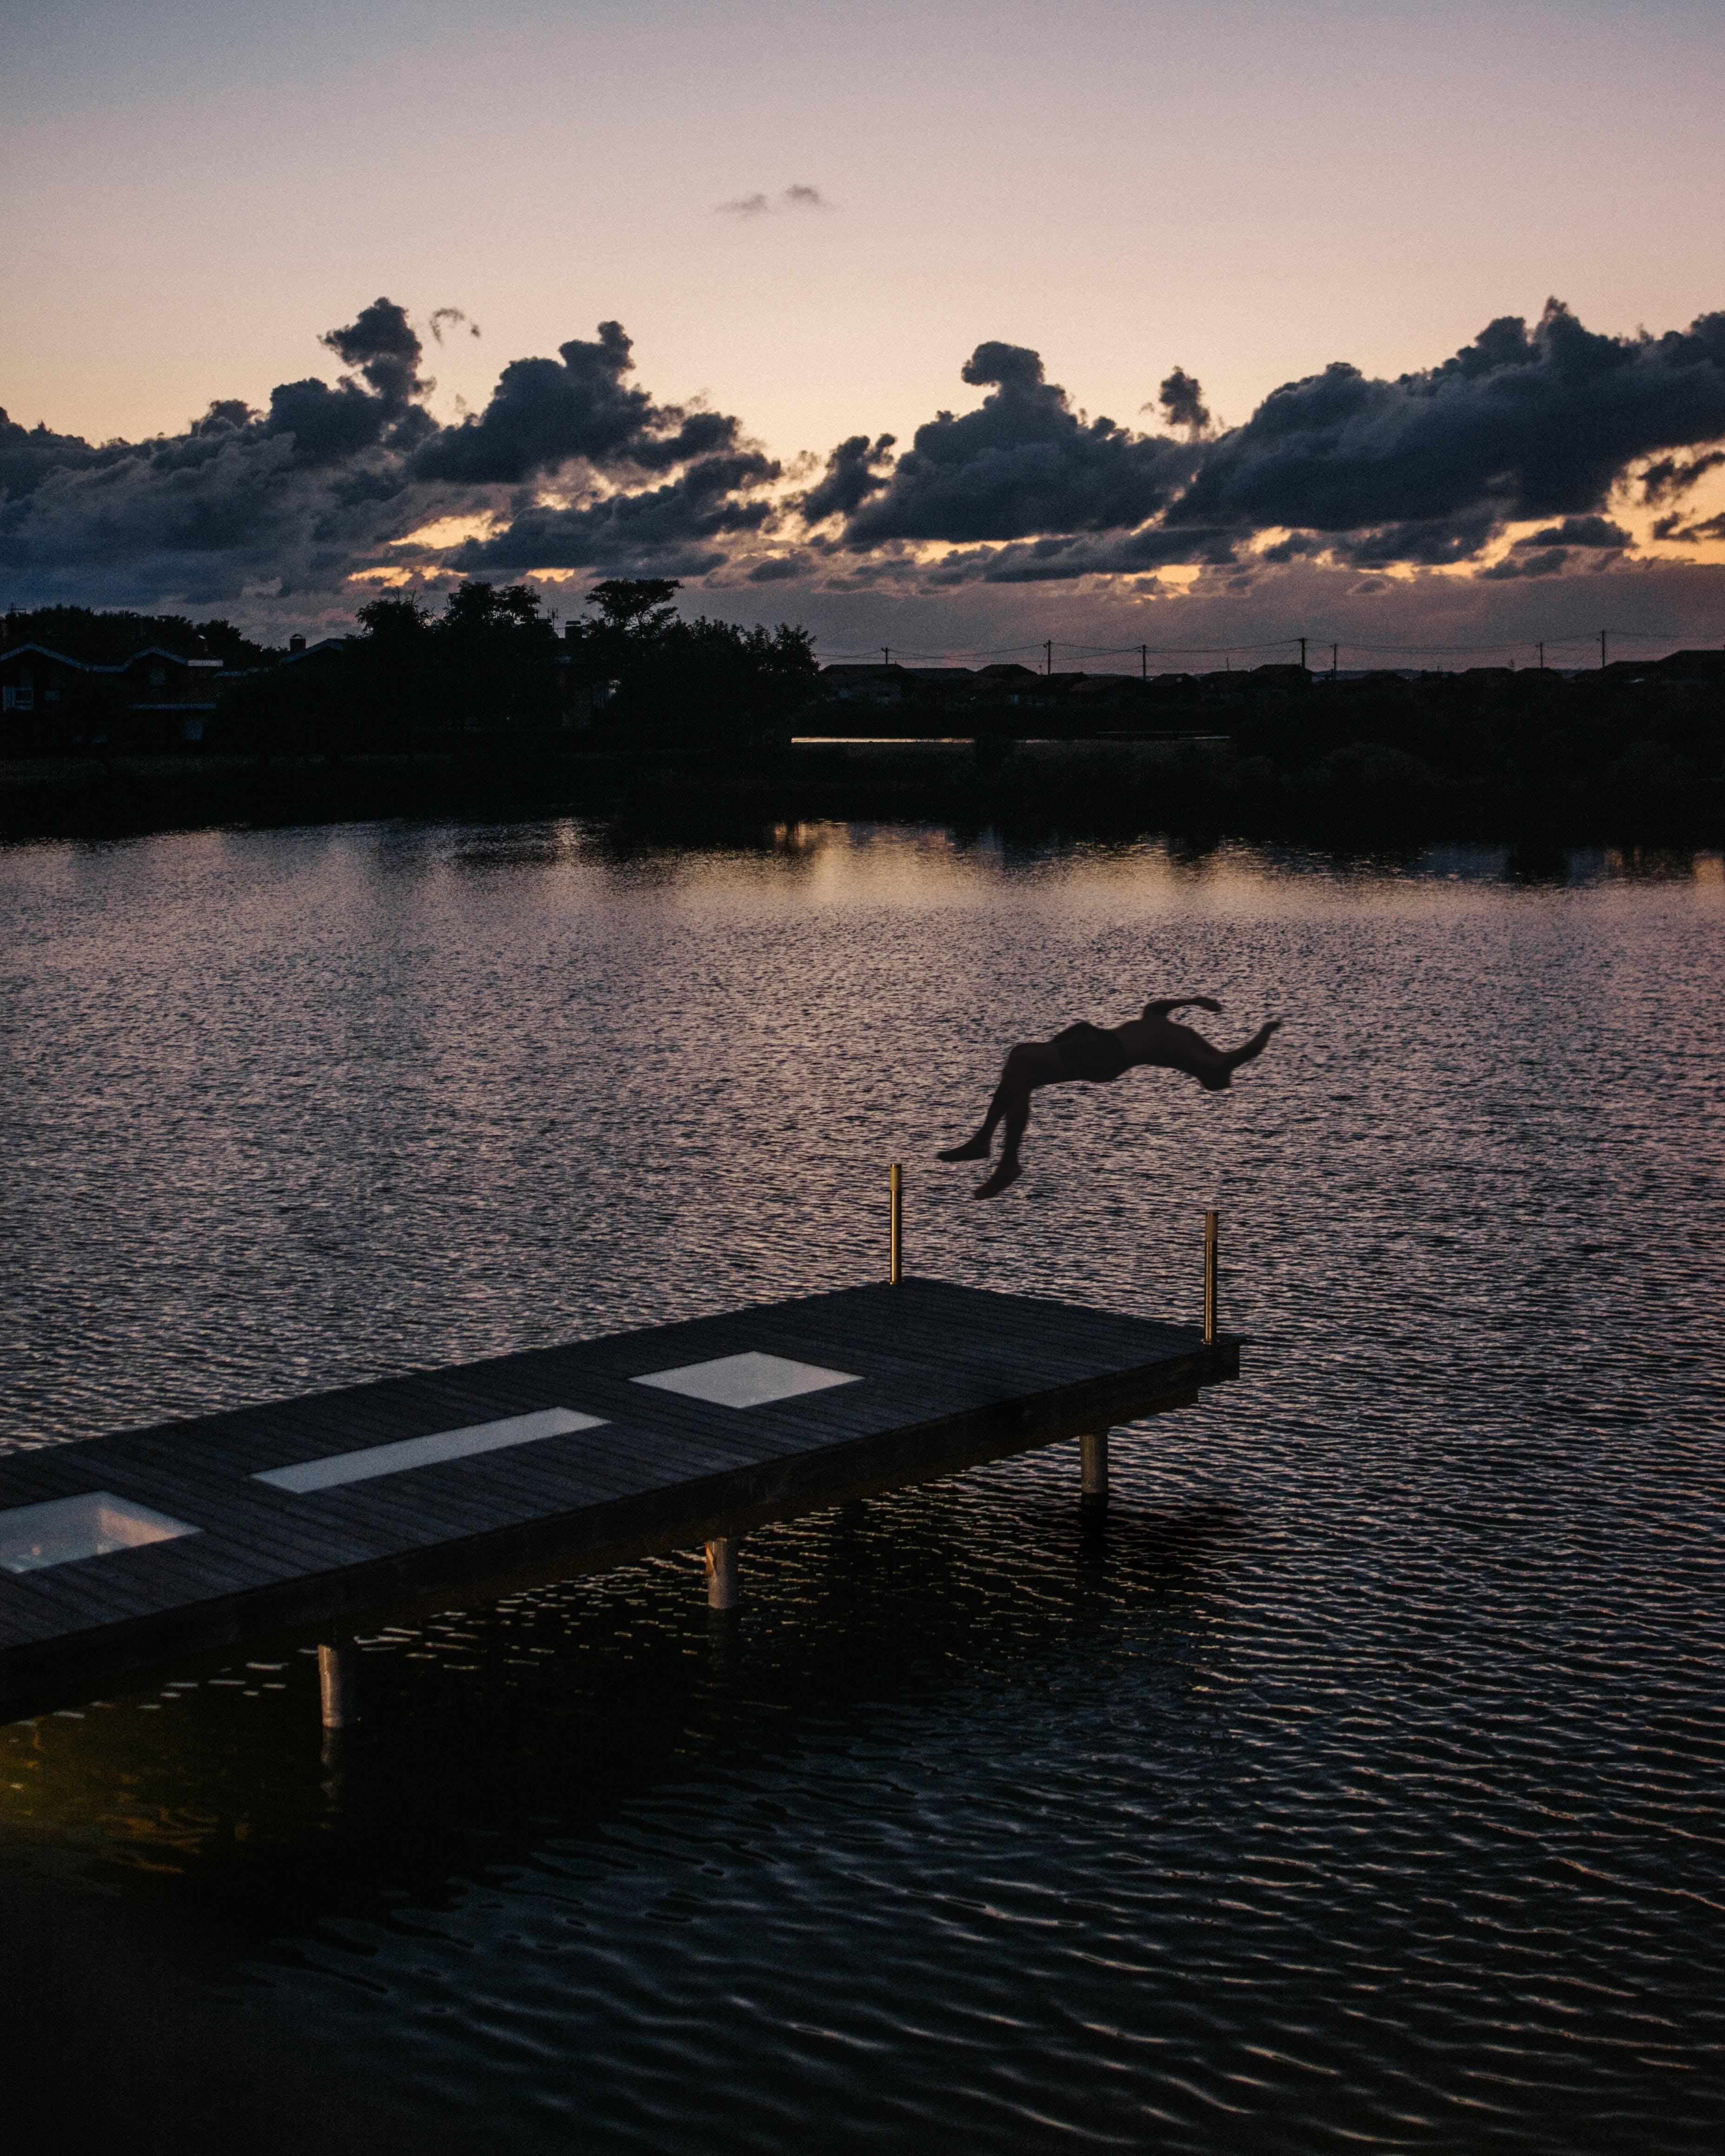 Foto profissional grátis de alvorecer, cais, doca, iluminado por trás